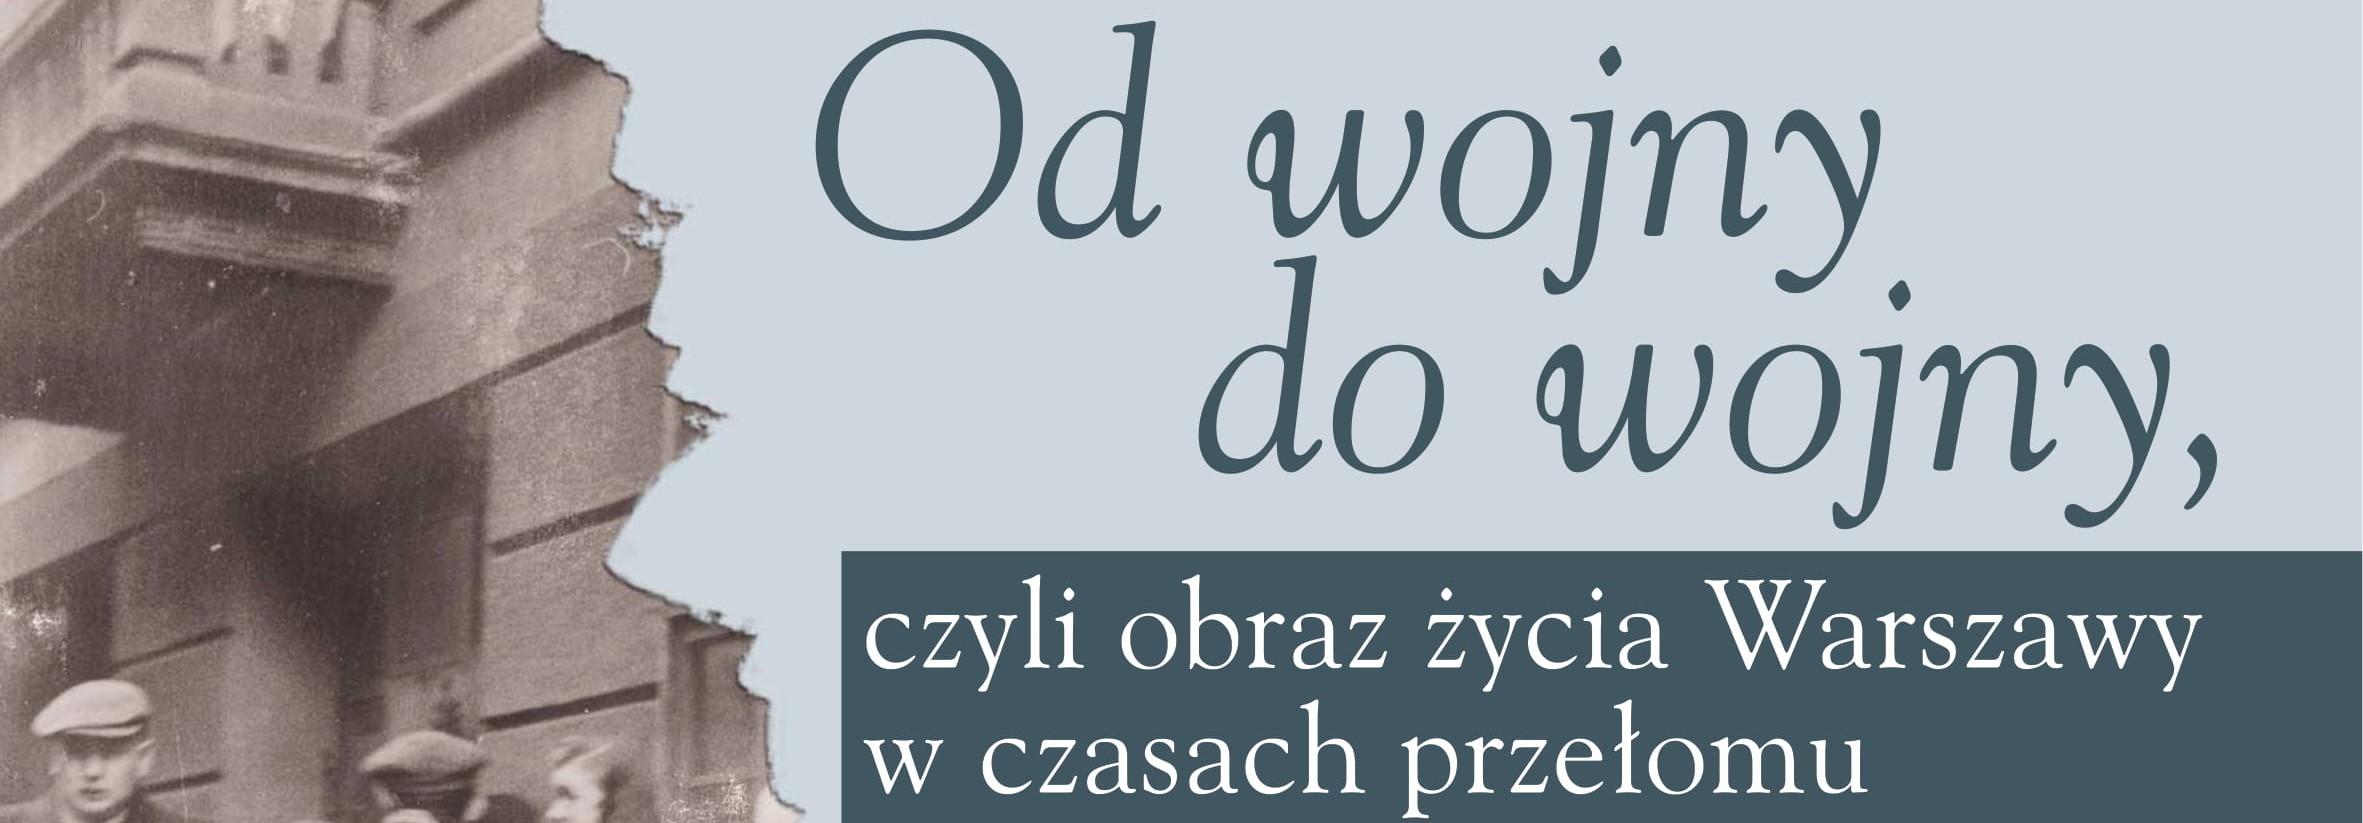 Od wojny do wojny, czyli obraz życia Warszawy w czasach przełomu